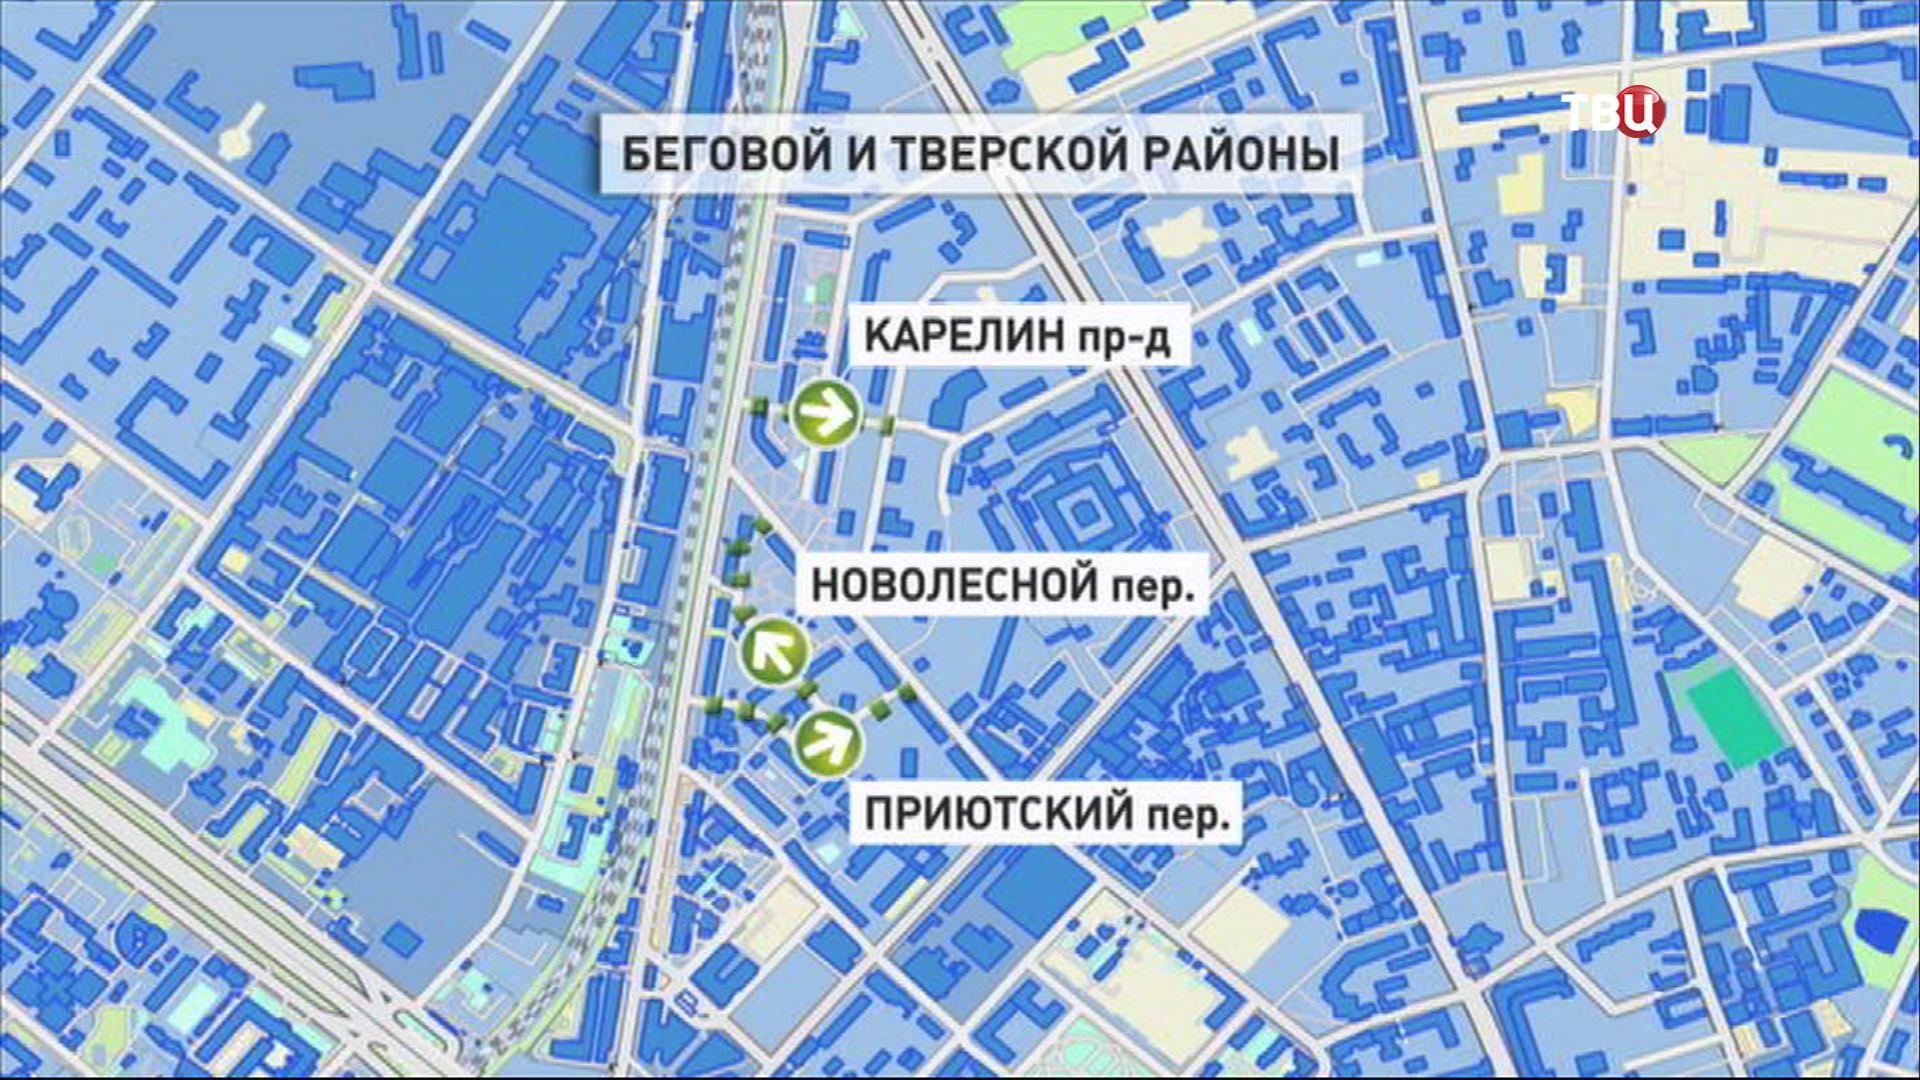 Карта Беговой и Тверской районы